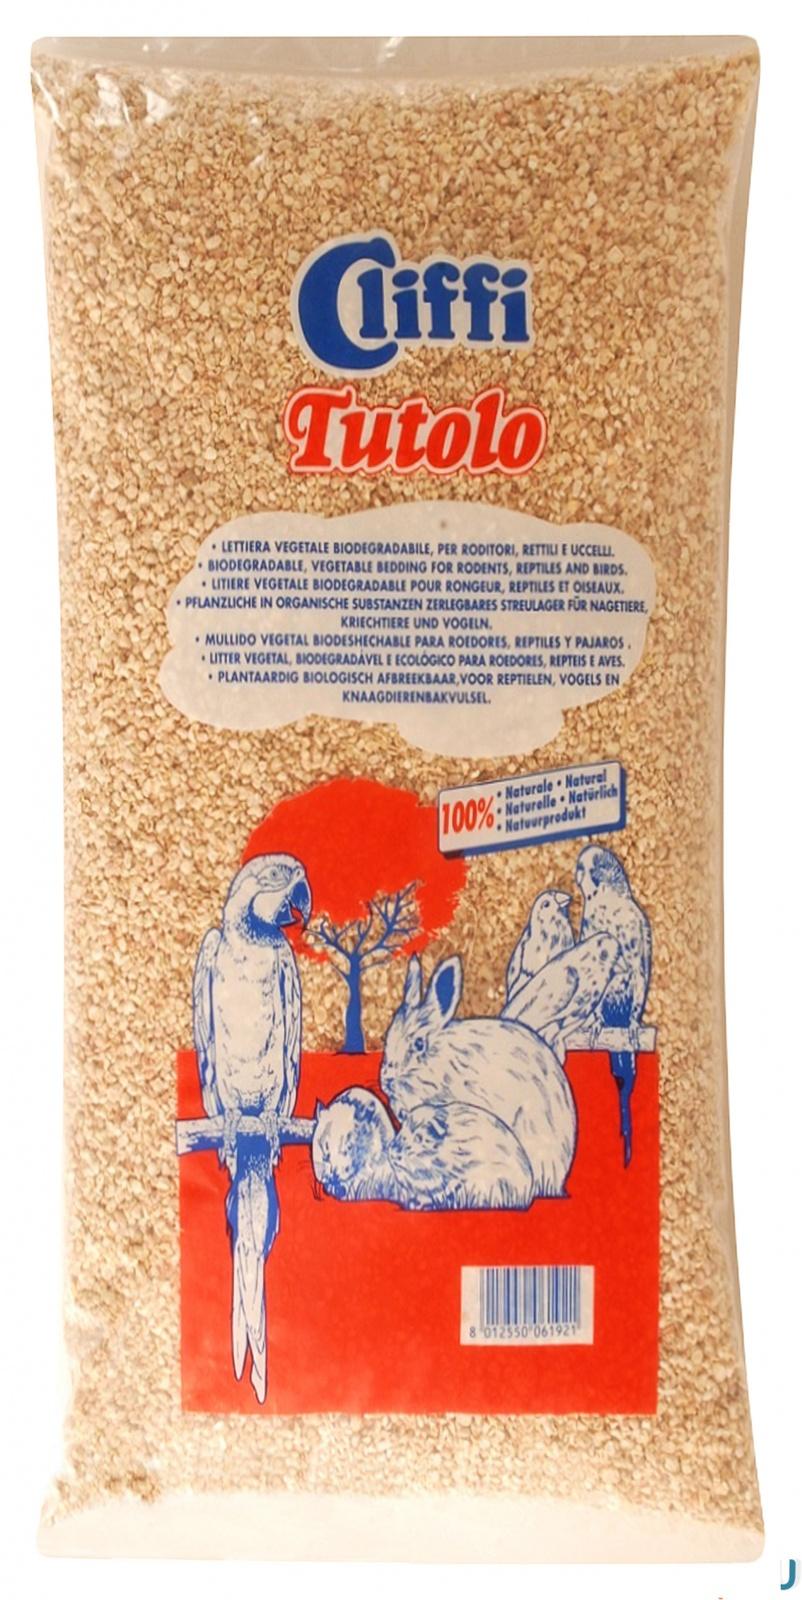 Cliffi Кукурузный наполнитель для грызунов: 100% органик (Tutolo) ACRS013 20кг от Ravta